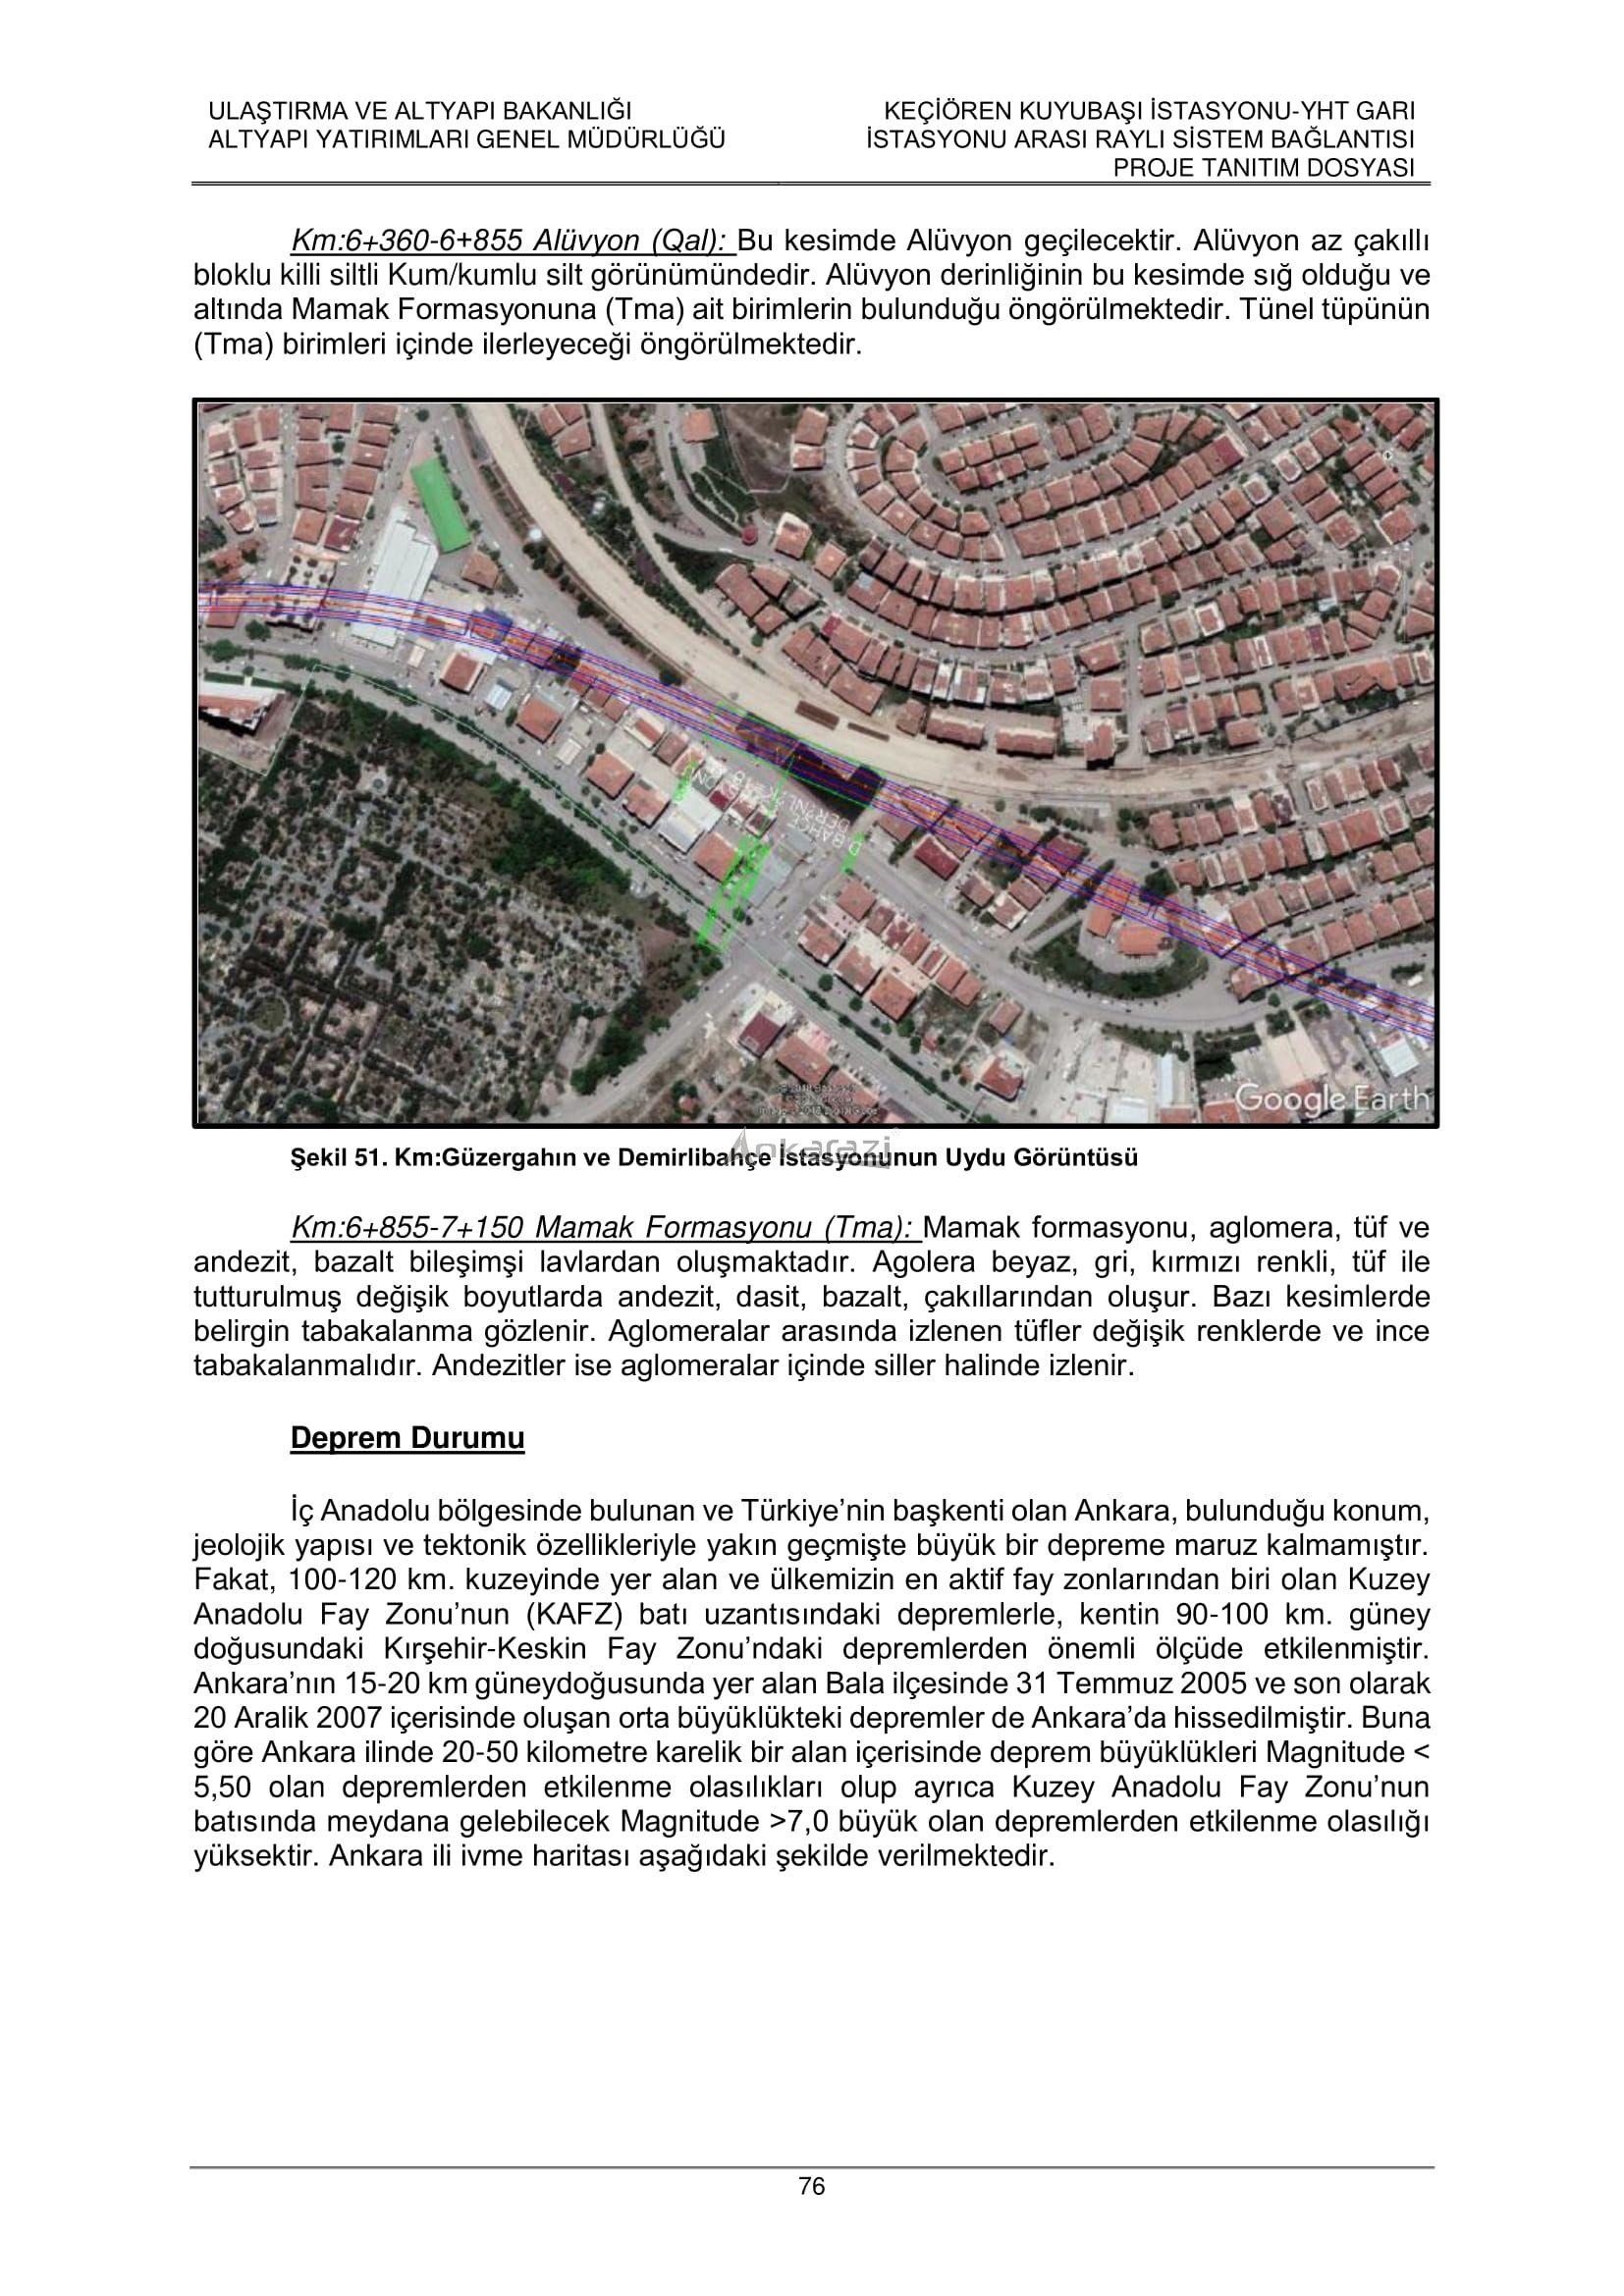 Keçiören-Siteler-YHT Garı Metro Hattı, Nihai Proje Dosyası... 3708